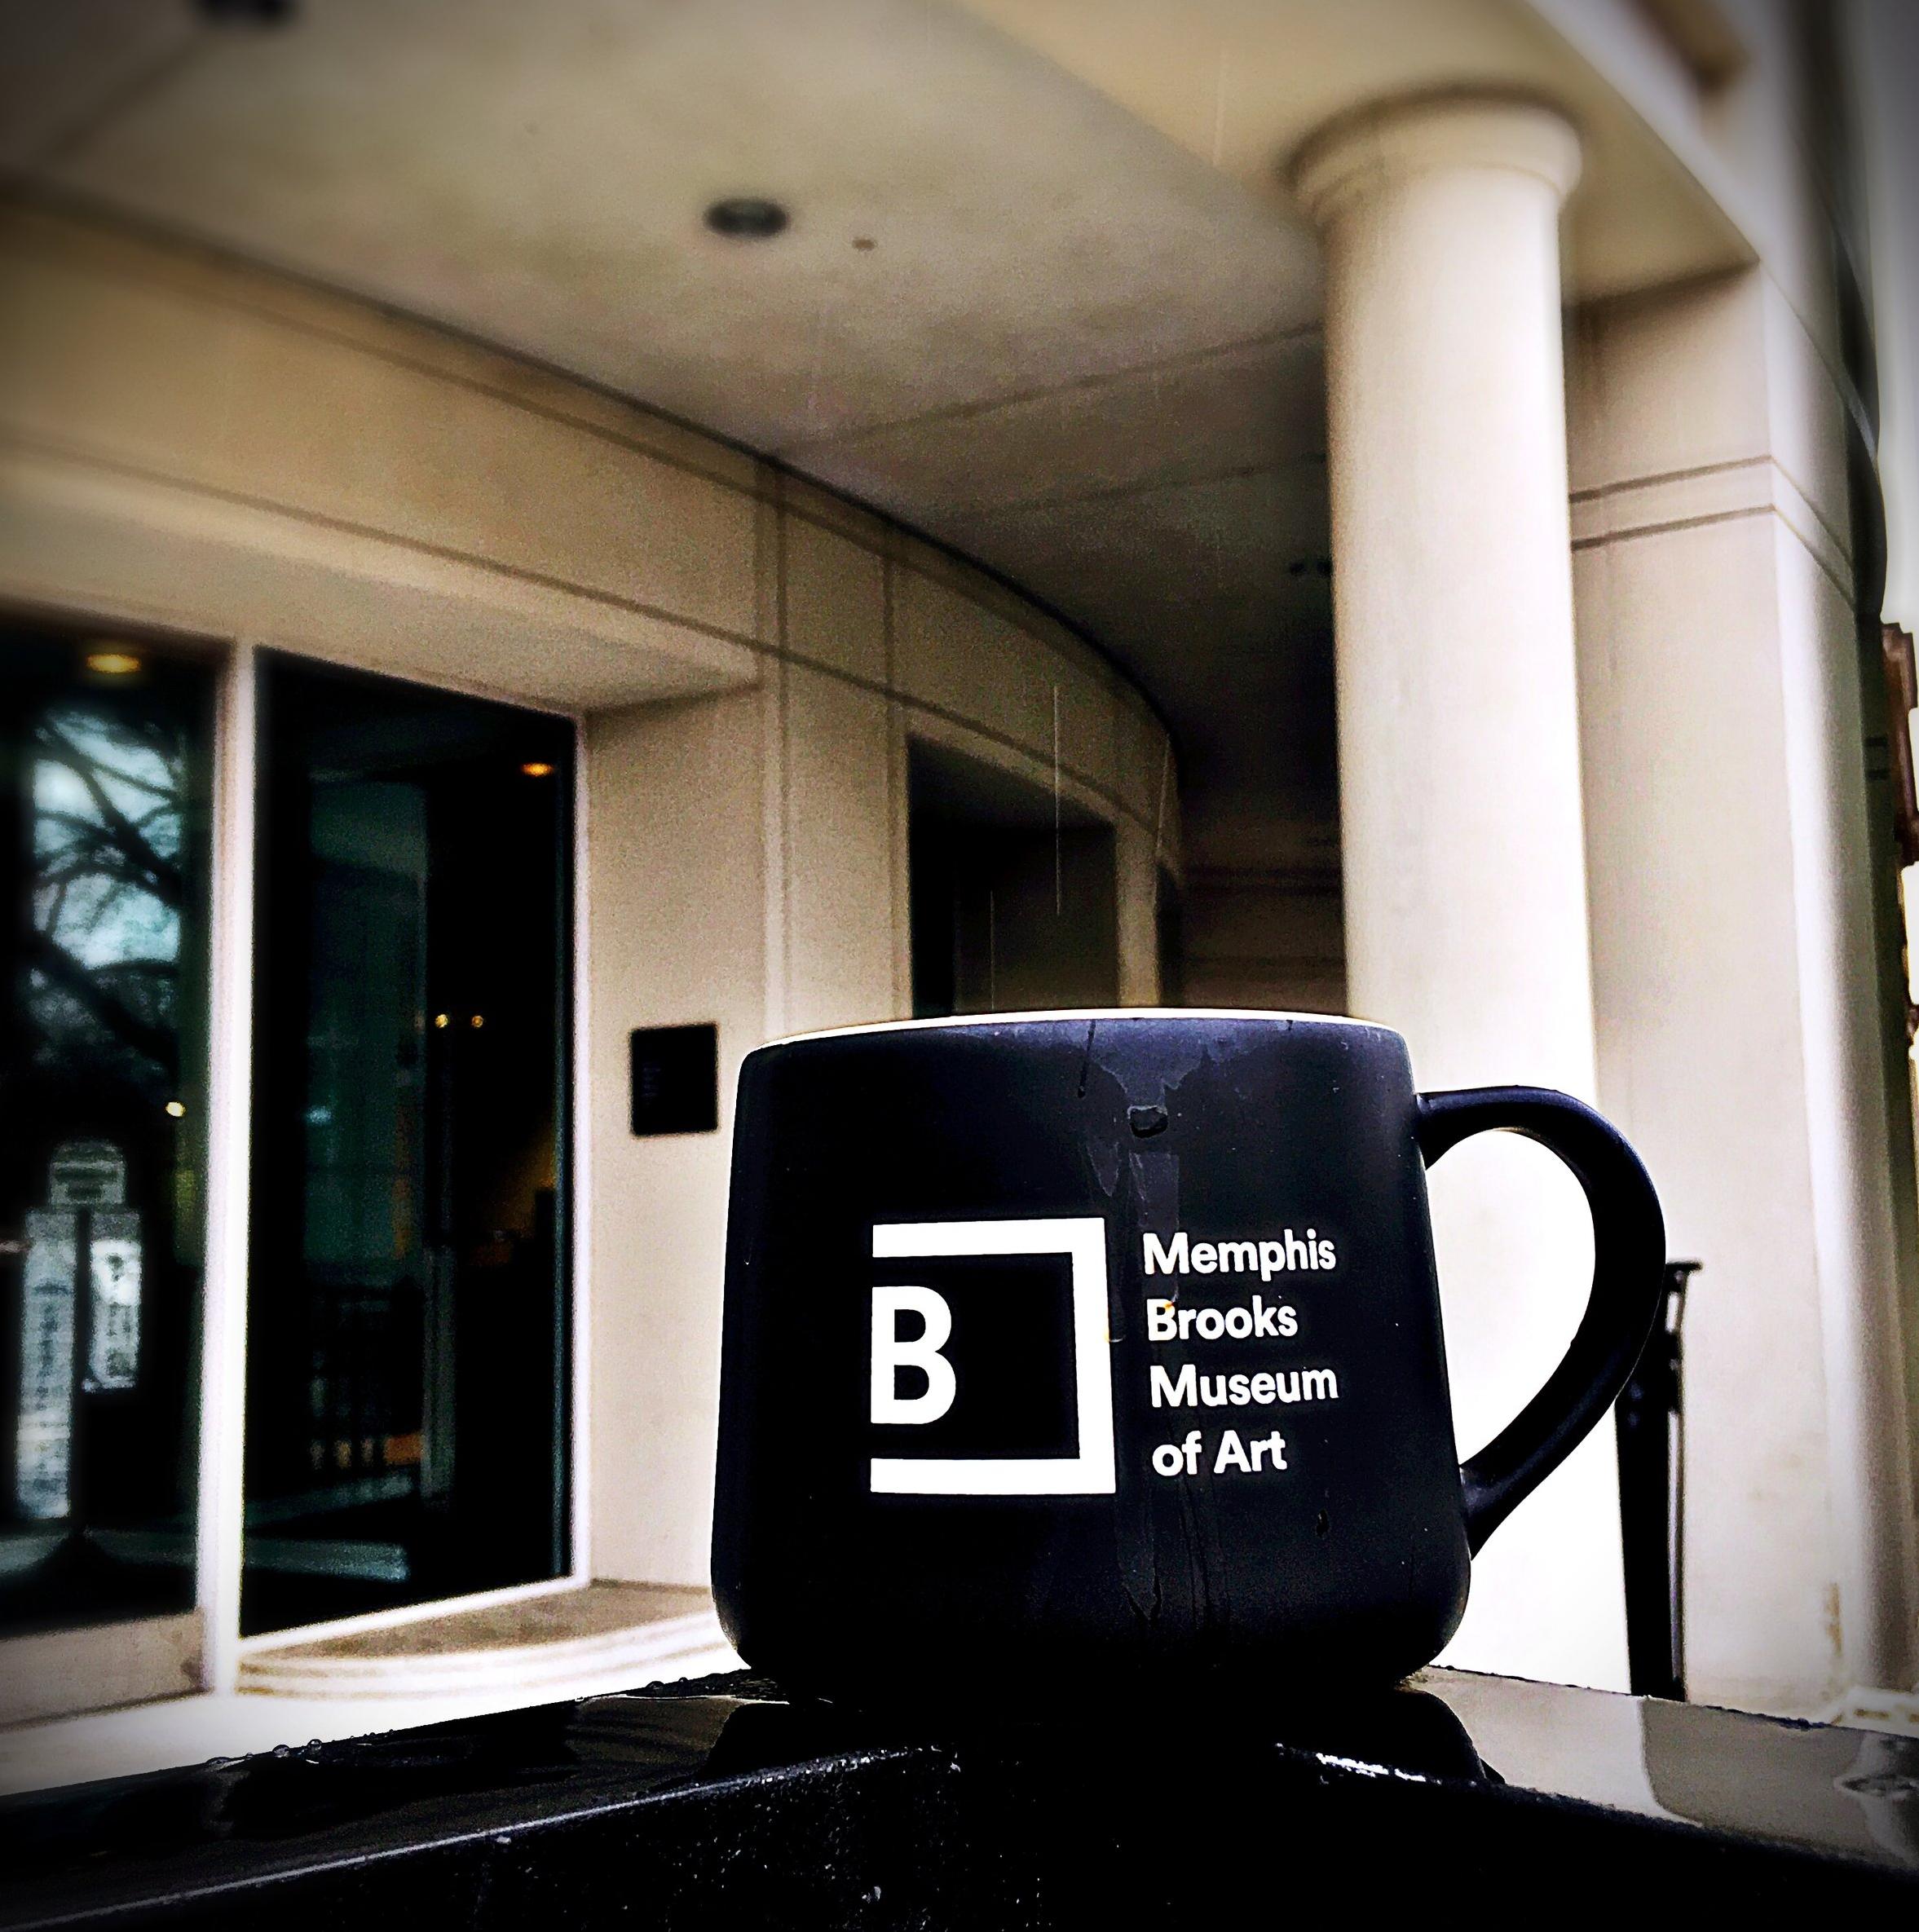 The Brooks Museum / Low Fi Coffee Pop-Up  1935 Poplar, Midtown Memphis, TN / Jan-Feb 2018